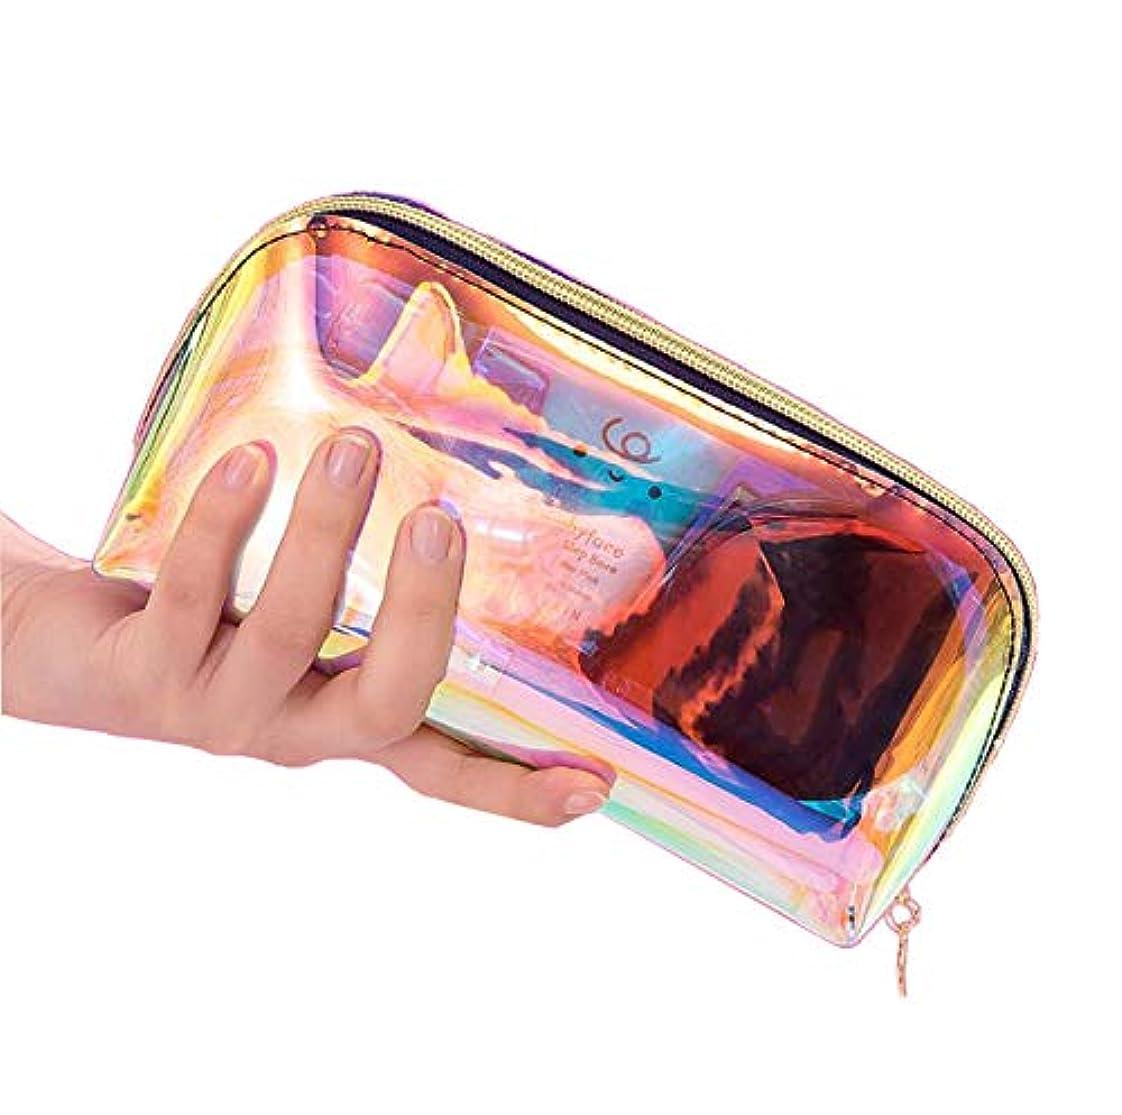 それぞれモジュールマッサージRanoki 化粧品バッグ 収納防水多彩透明メッシュ温泉、 ビーチサイド旅行、出張、便利、メイク 収納 メイクブラシポーチ化粧品